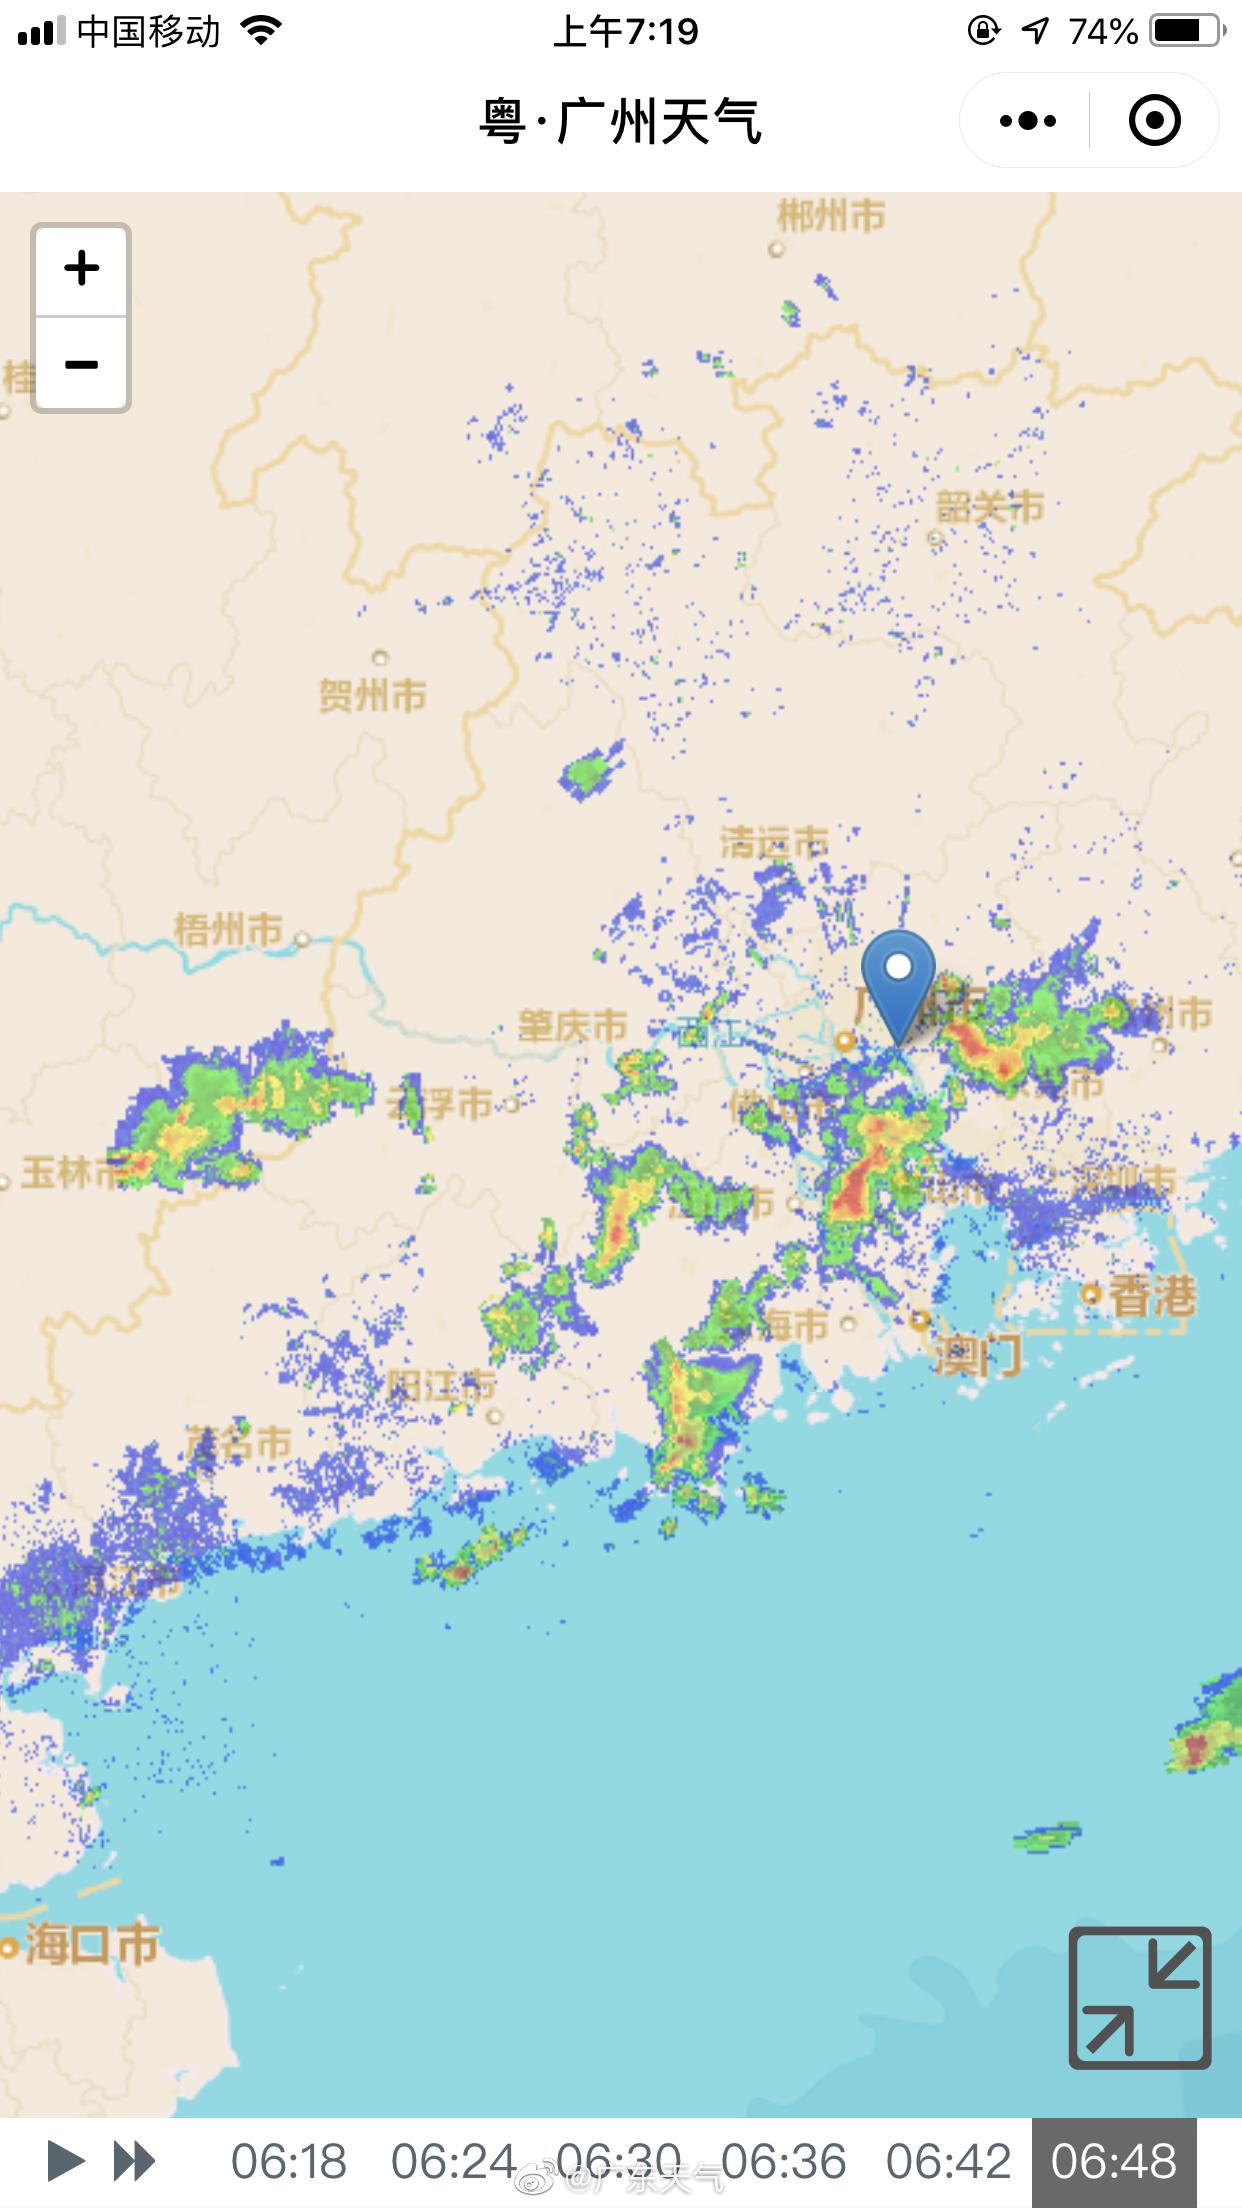 这两天的早晨,珠江口附近独得雷雨宠幸,局部雨势较大